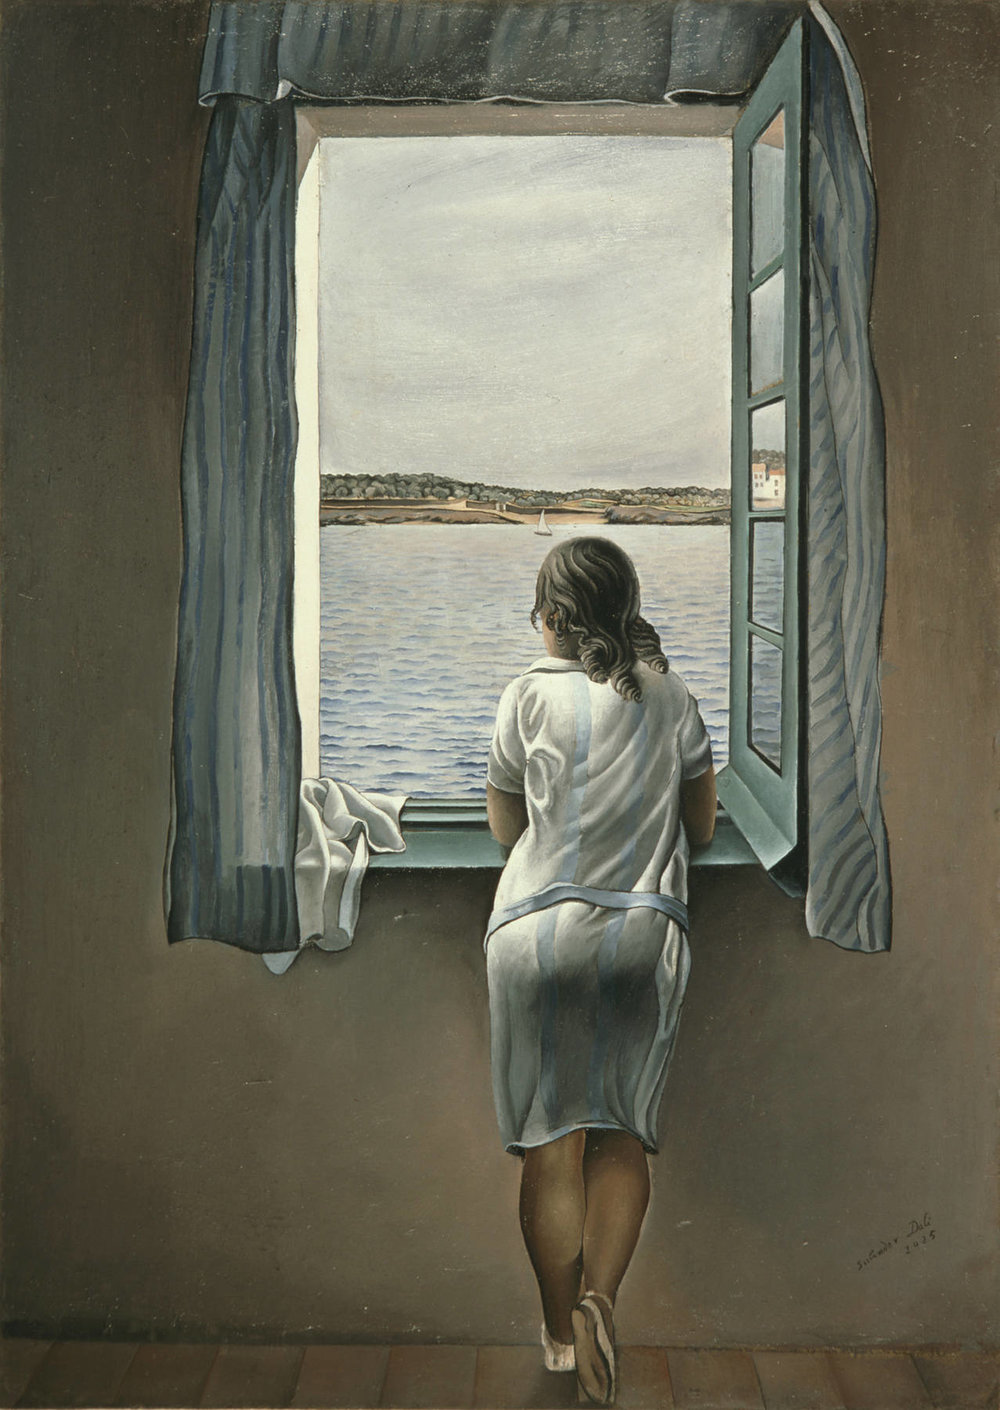 mulher em uma janela.jpg